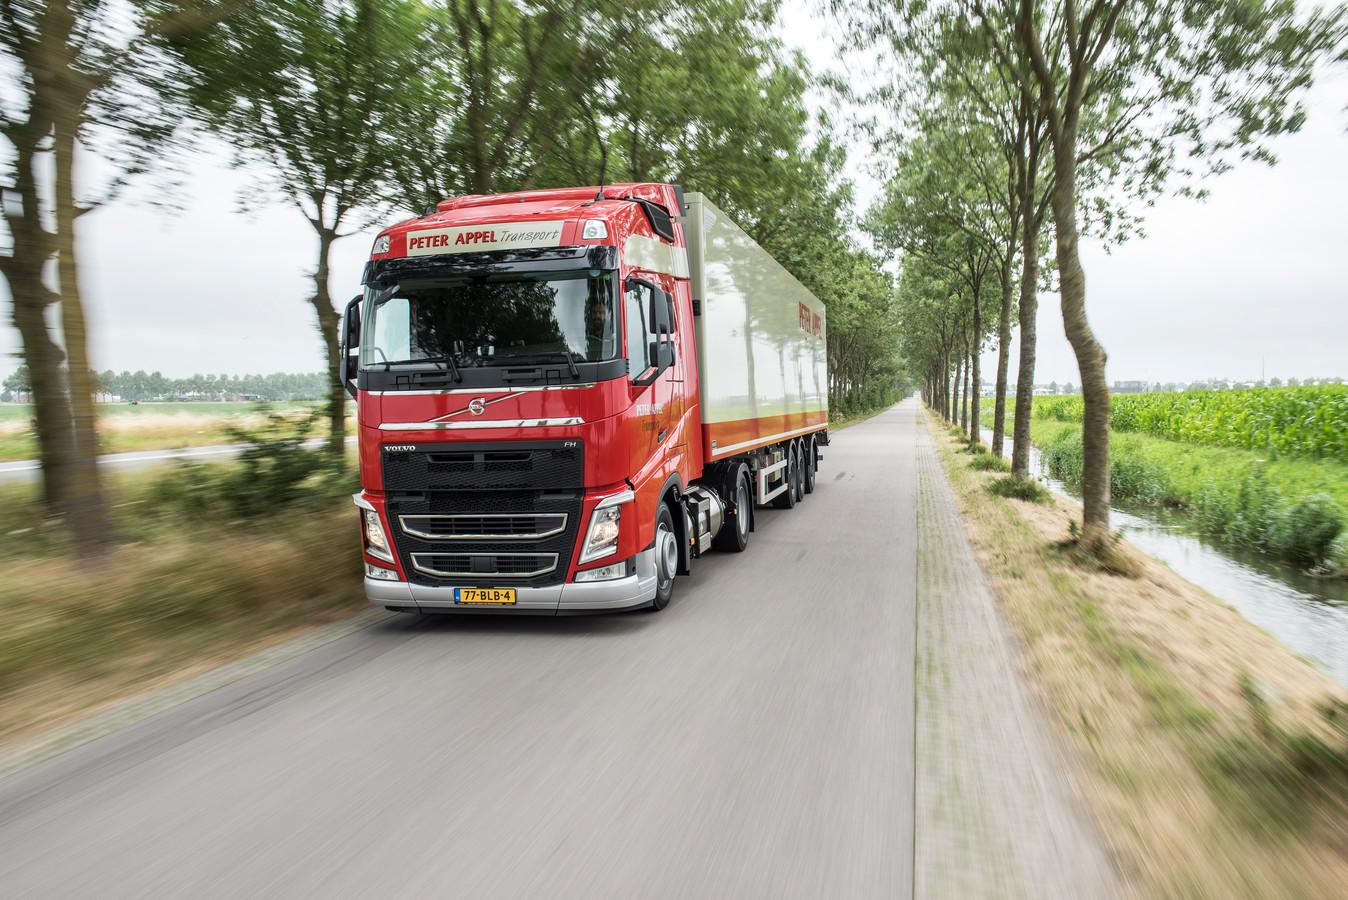 Deze vrachtwagens van Peter Appel Transport zullen vaker in Veghel te zien zijn. Het bedrijf neemt een deel van de activiteiten van Kuehne + Nagel over.